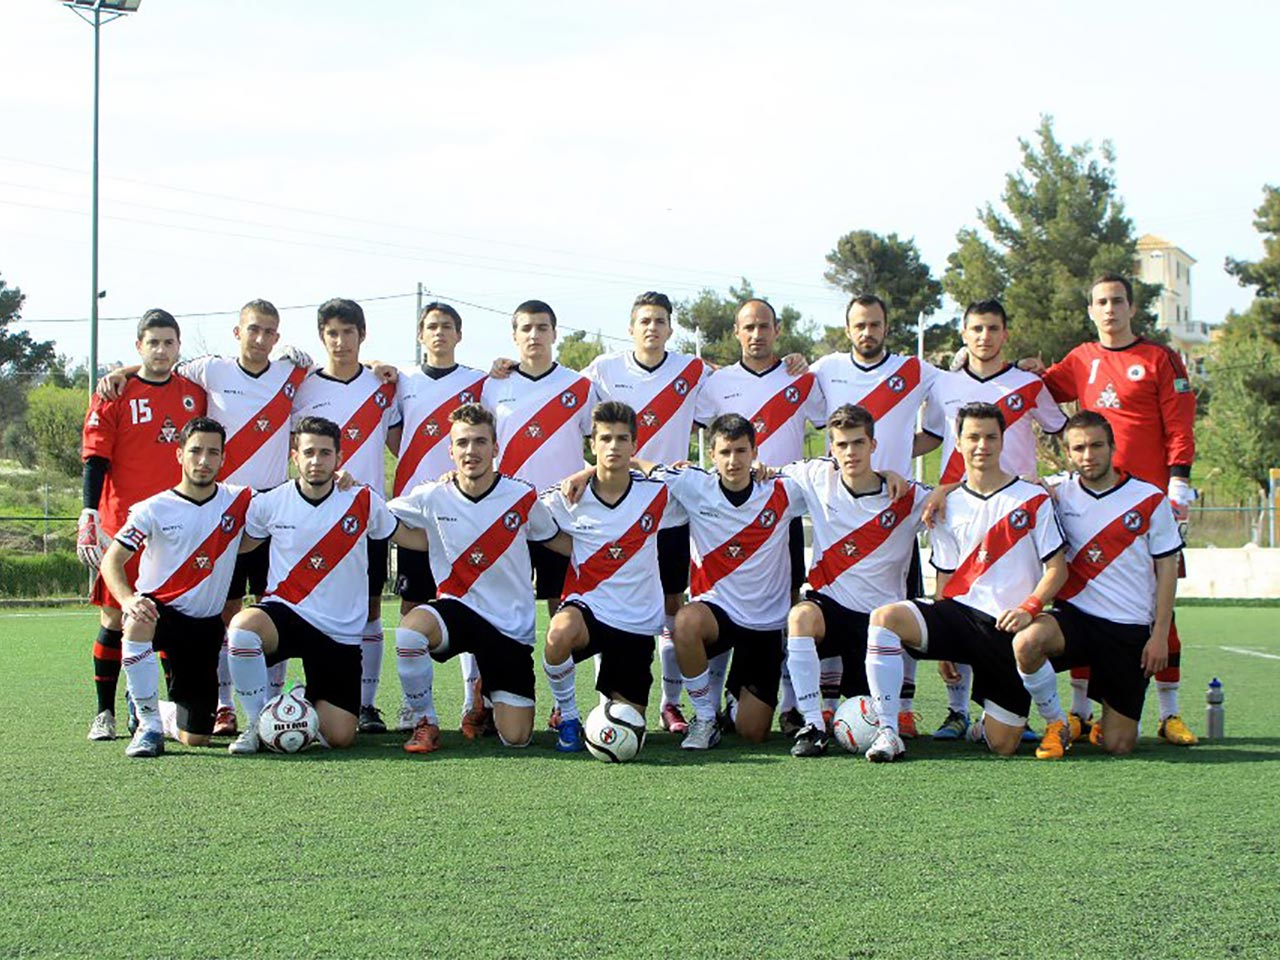 Ανδρικό Τμήμα Νικητές FC - Καλλιεργούμε τη νοοτροπία του Νικητή - Γέρακας, Παλλήνη